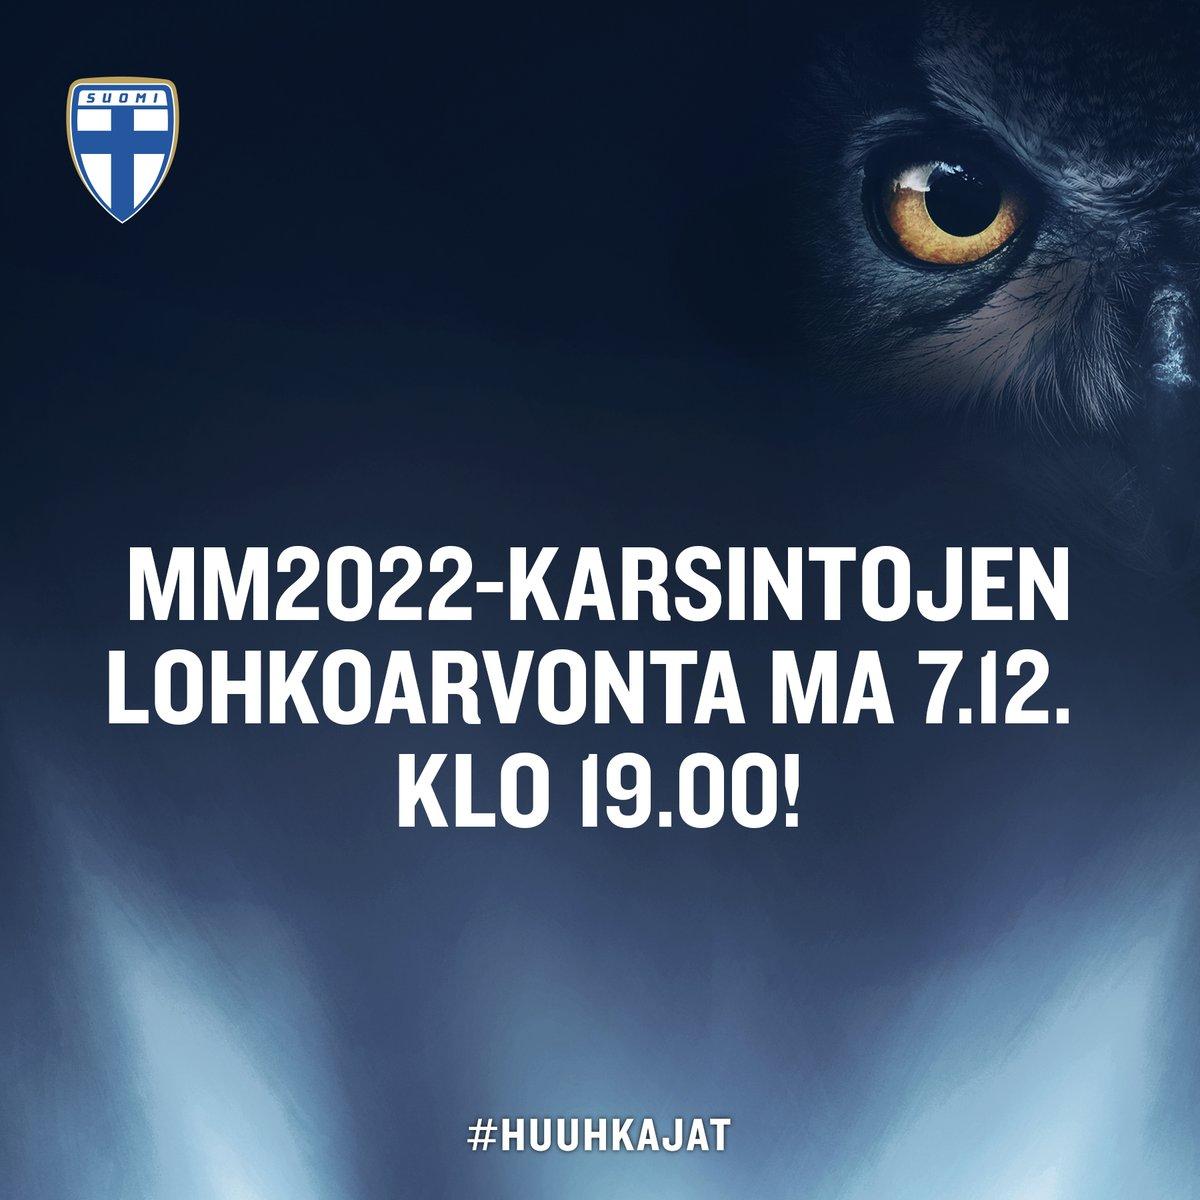 Kohti MM2022-karsintojen lohkoarvontaa! 🦉⚽ | Suomi nousi torstaina julkaistussa FIFA-rankingissa sijalle 5️⃣4️⃣ ja samalla MM2022-karsintojen lohkoarvonnan 3. arvontakoriin!  Katso arvontakorit ja aloita spekulointi! 😏💬 ➡   #Huuhkajat #WCQ #MeOlemmeSuomi